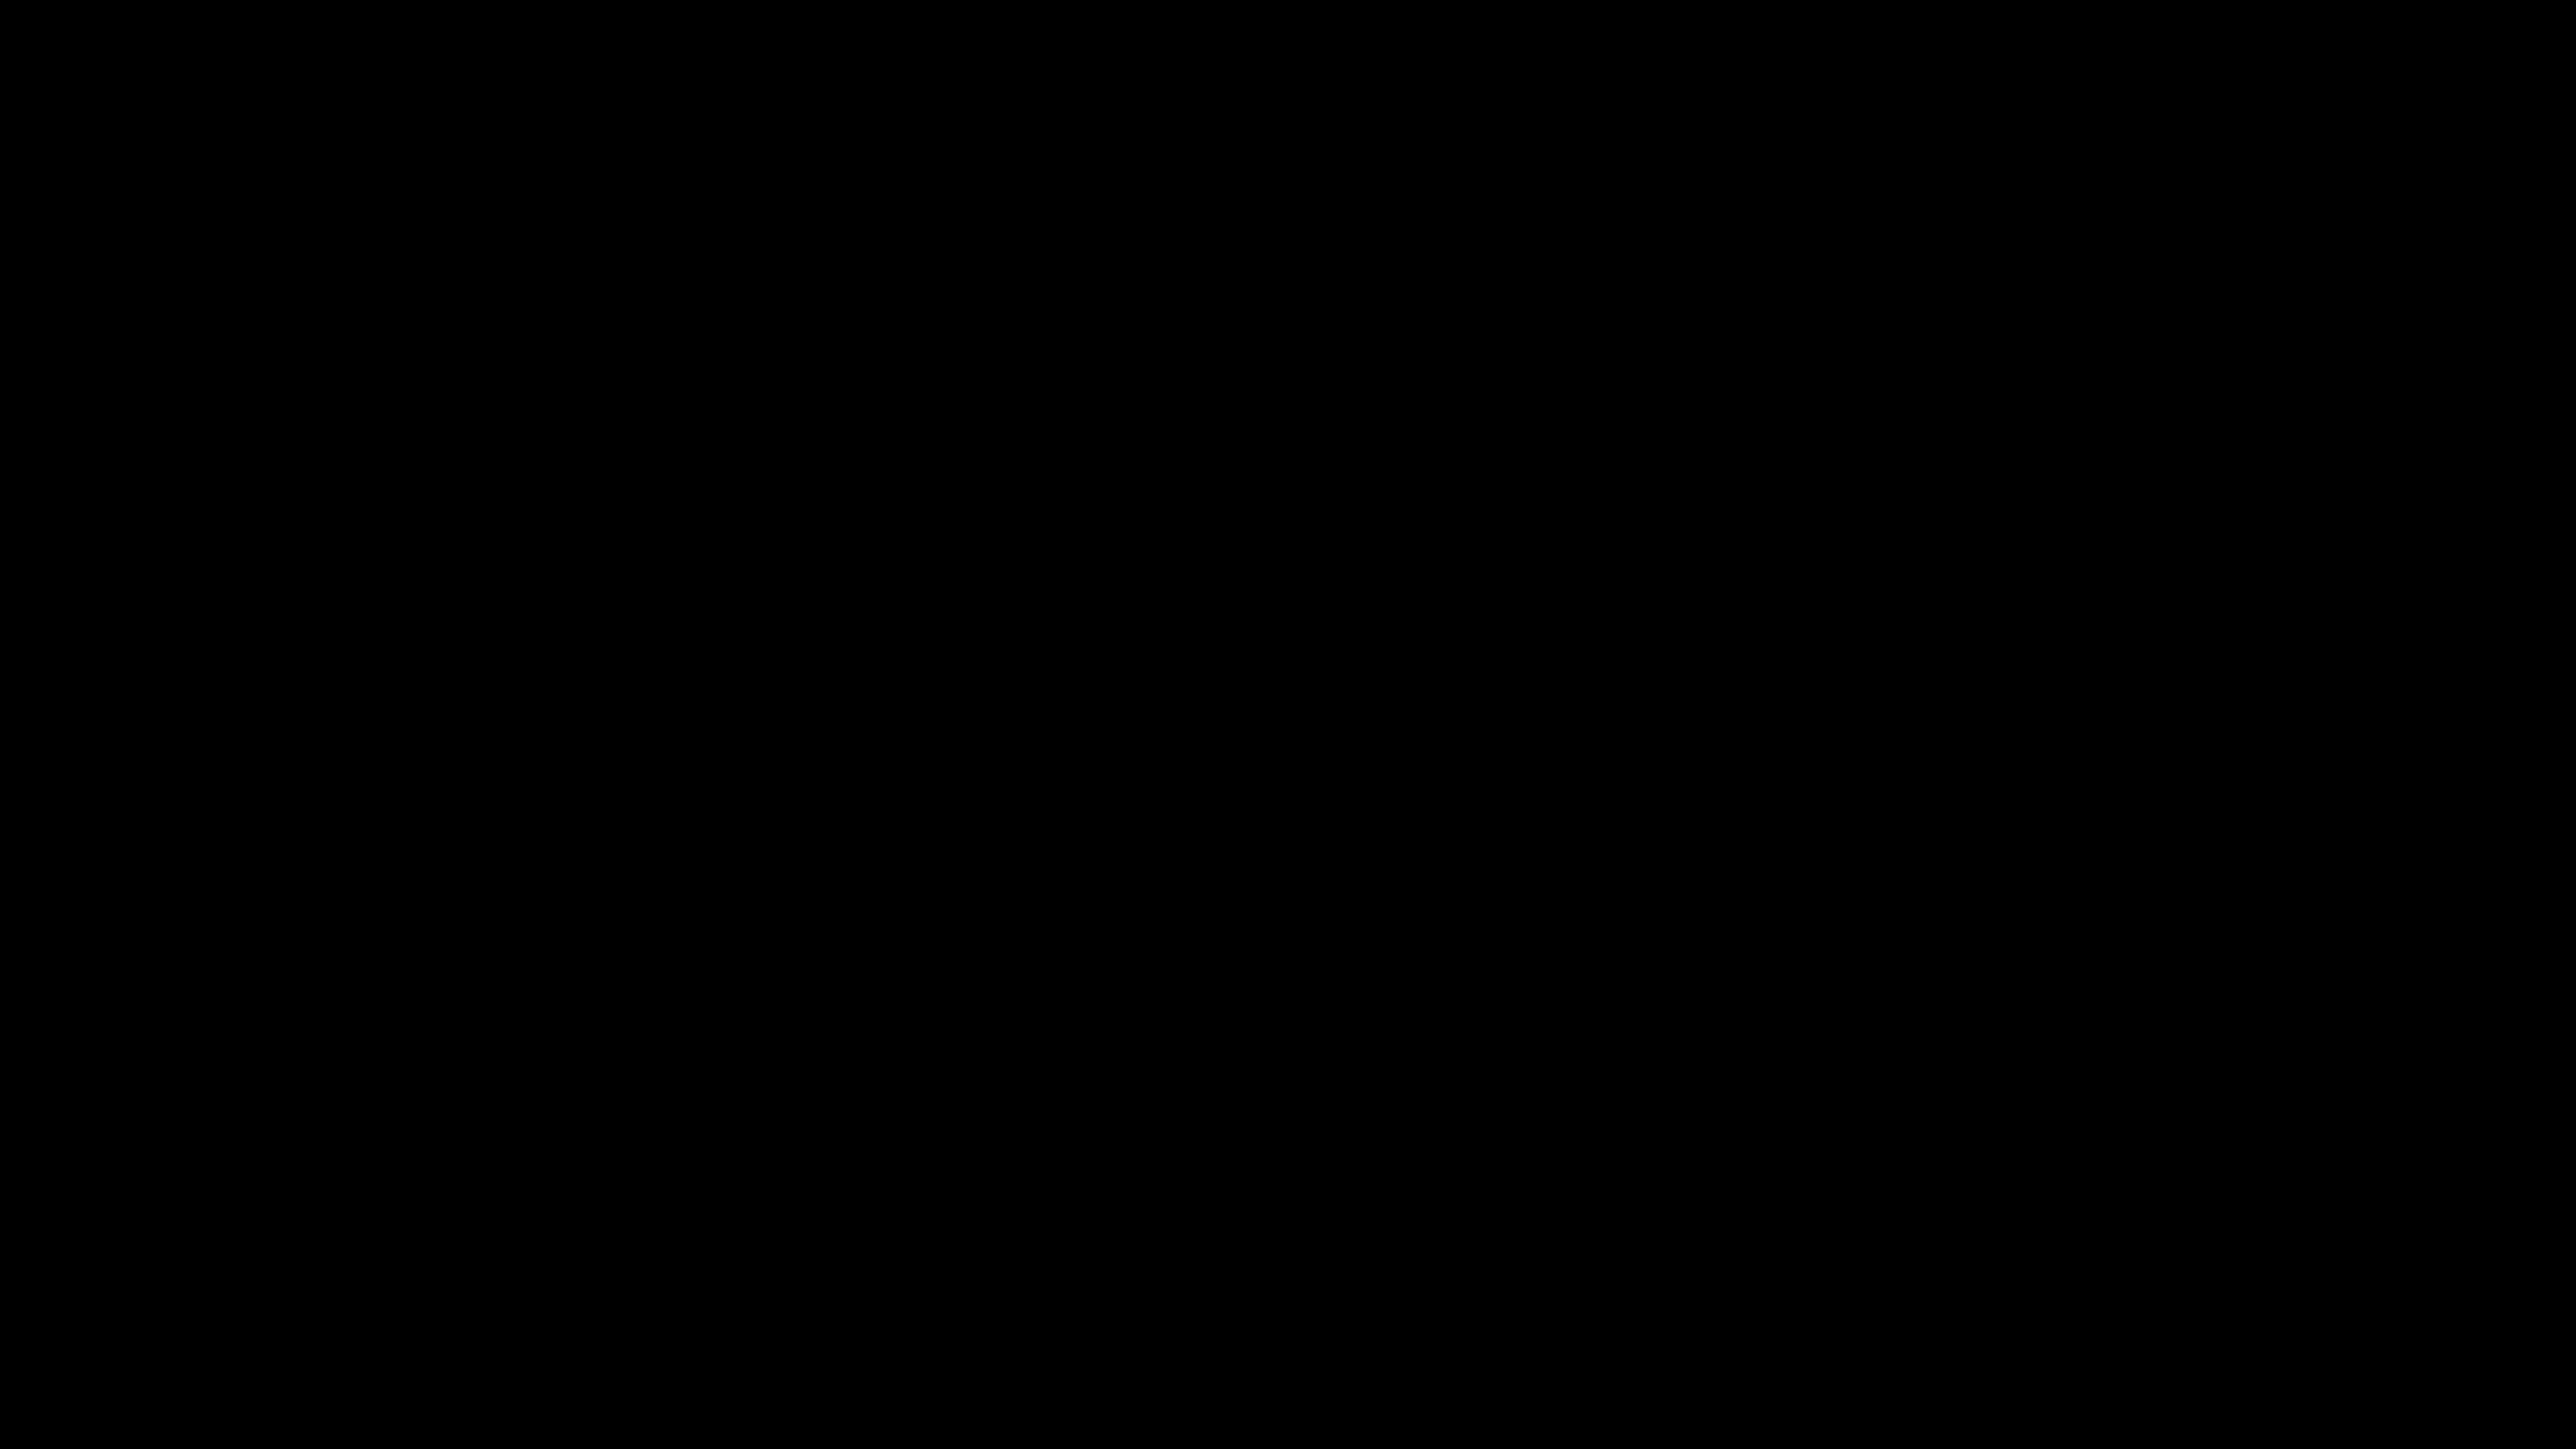 adrian-furey-zimmer-biomet-